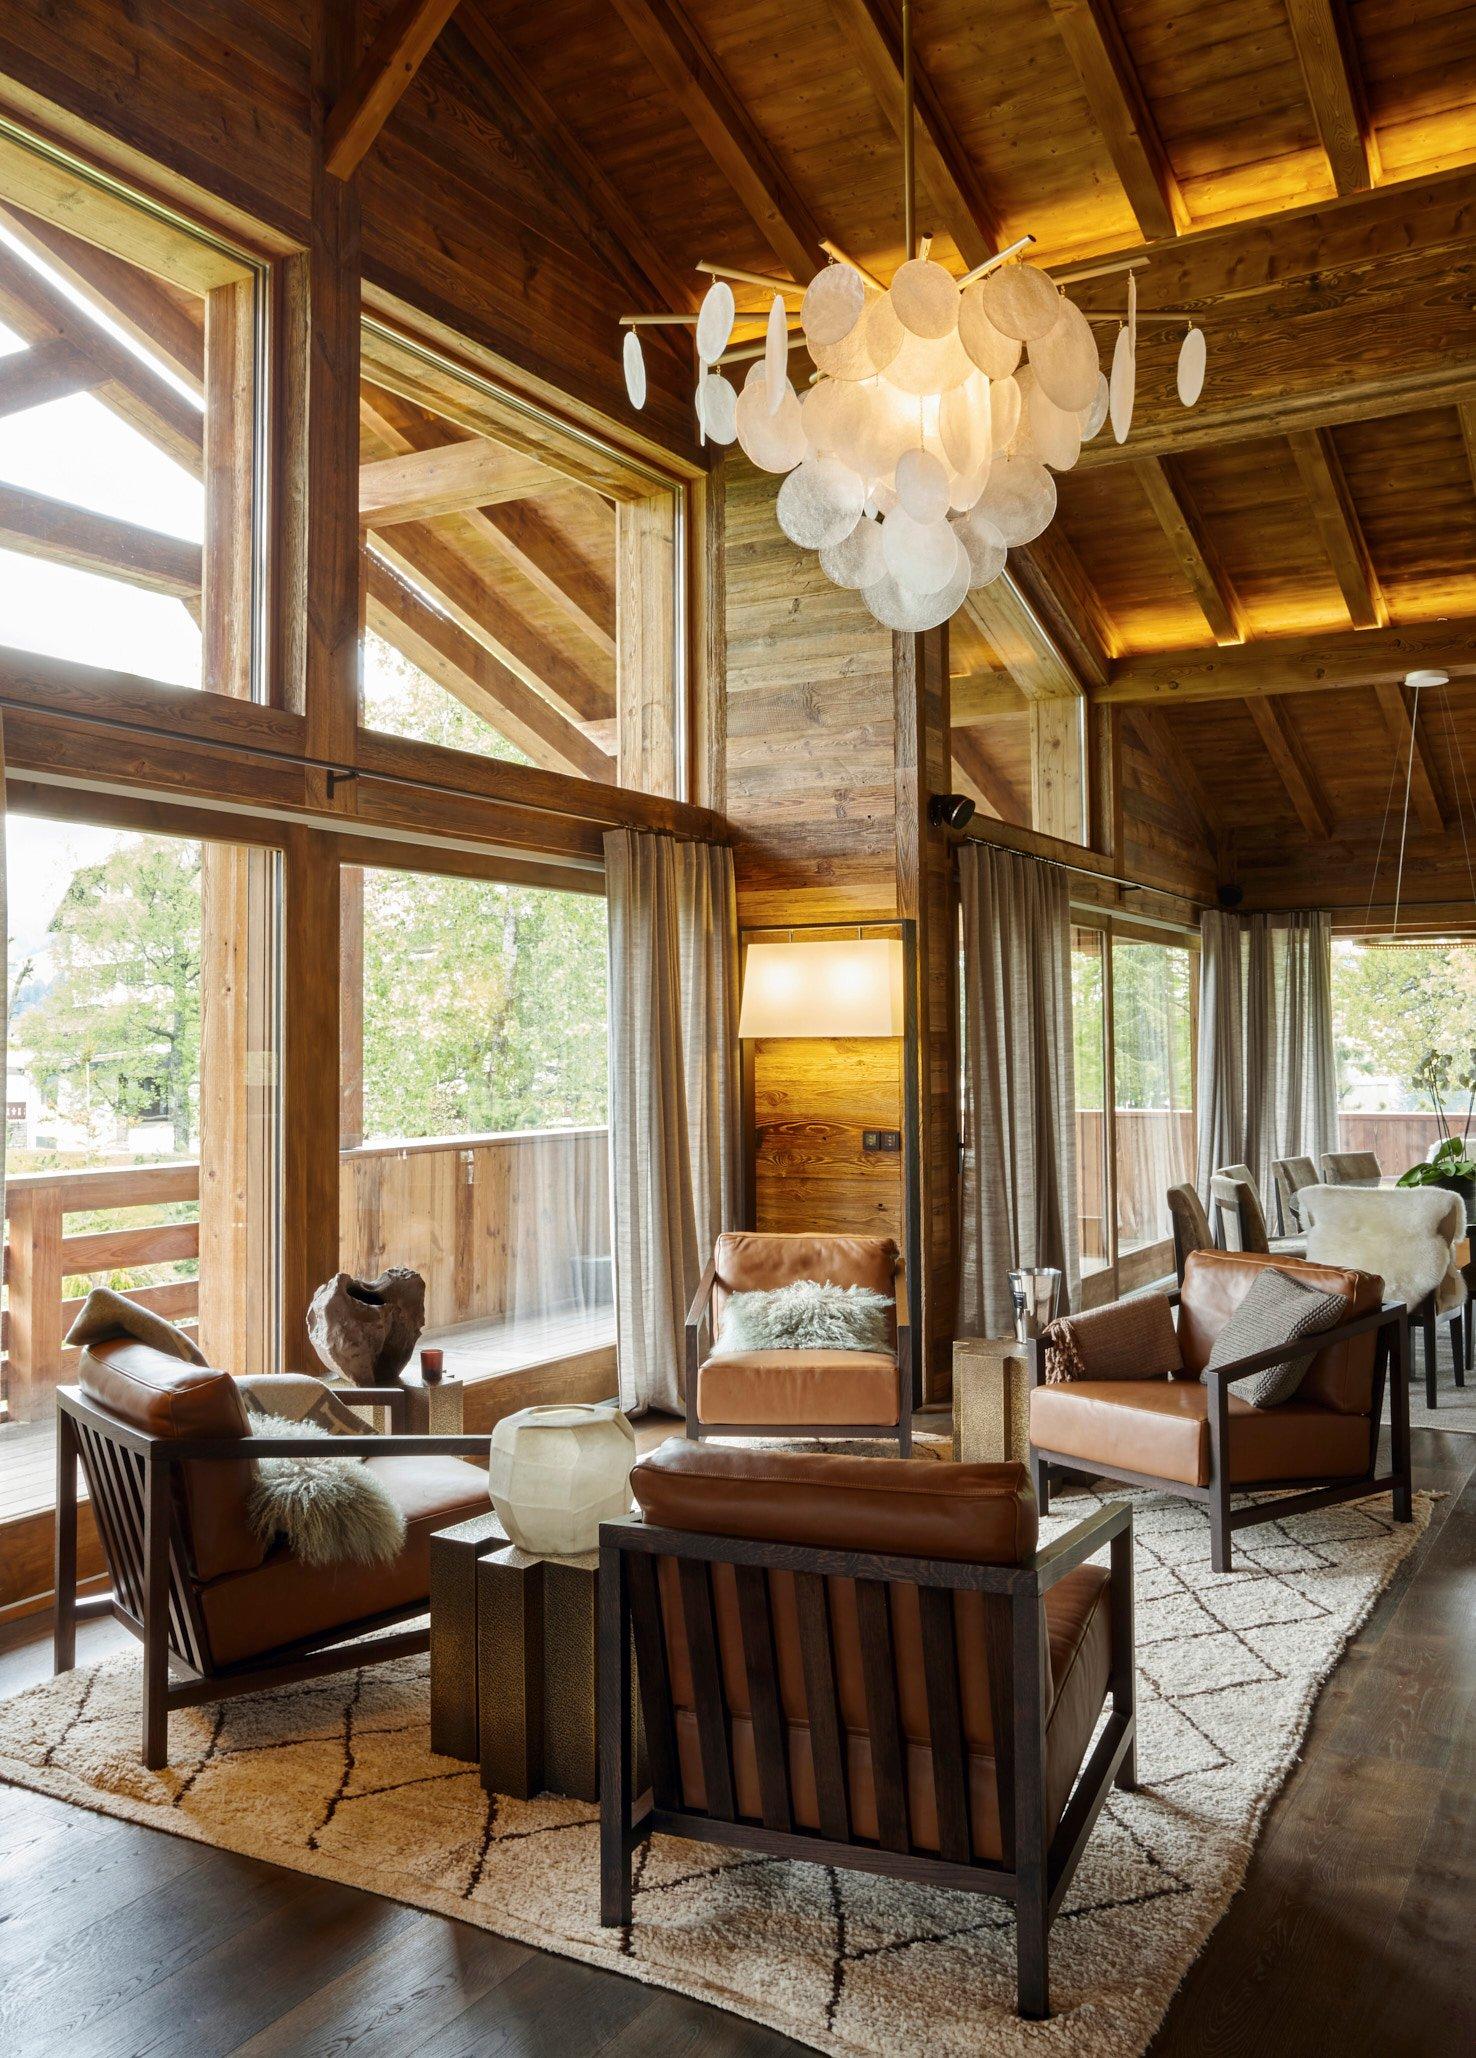 Le Refuge Megeve Architecte mont d'arbois | refuge - architecture d'intérieur